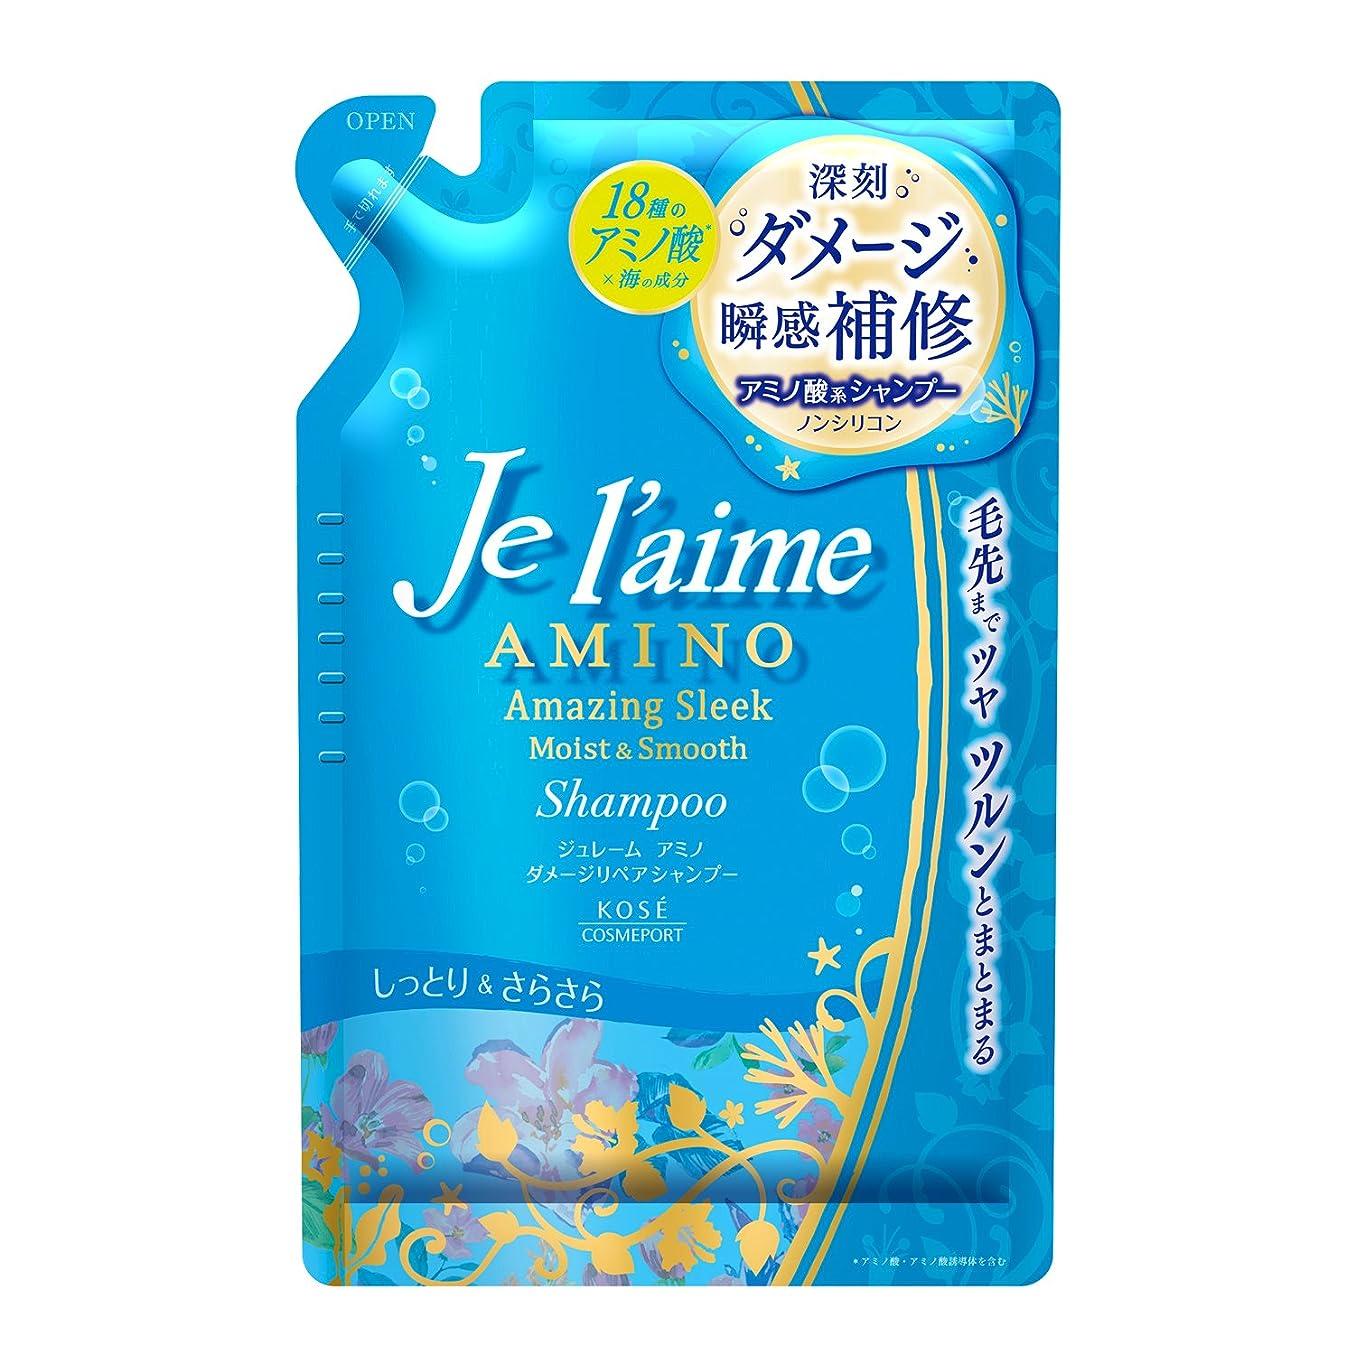 控えめな同化事業KOSE コーセー ジュレーム アミノ ダメージ リペア シャンプー ノンシリコン アミノ酸 配合 (モイスト & スムース) つめかえ 400ml